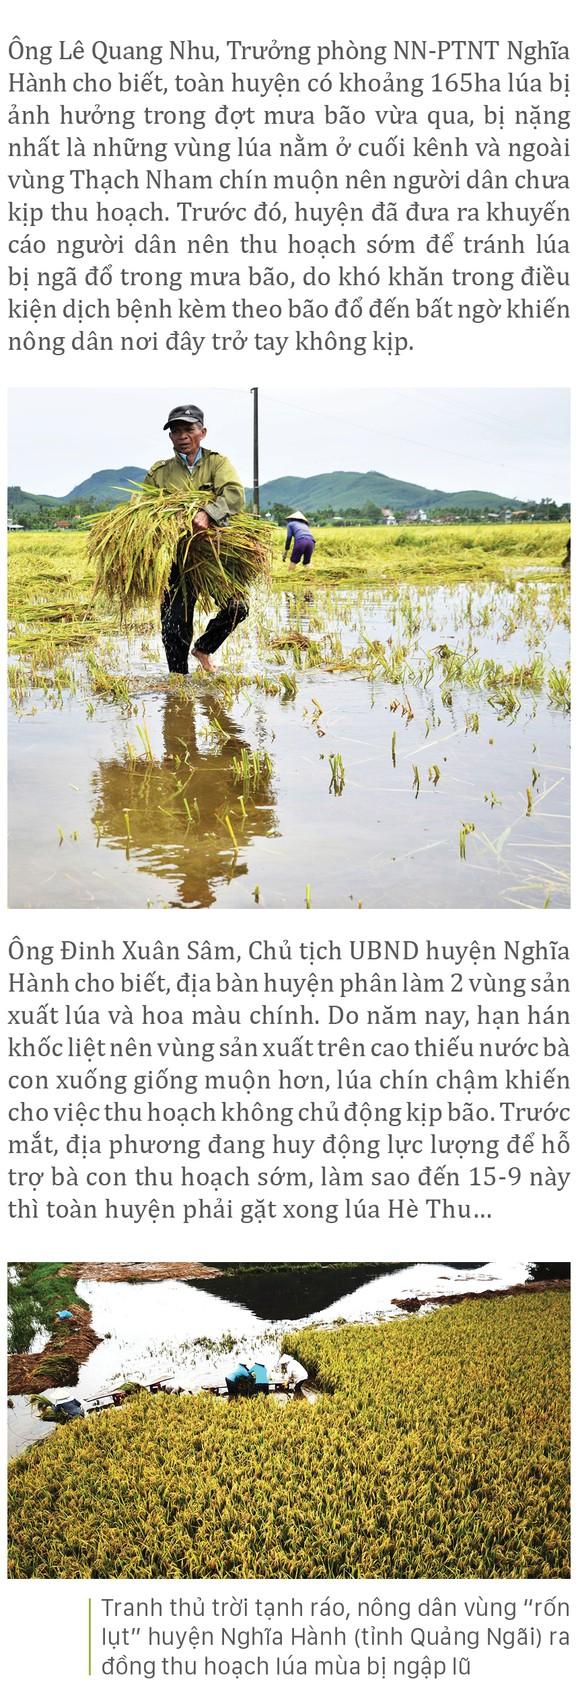 Nông dân miền Trung dầm mình cứu lúa sau mưa bão  ảnh 36